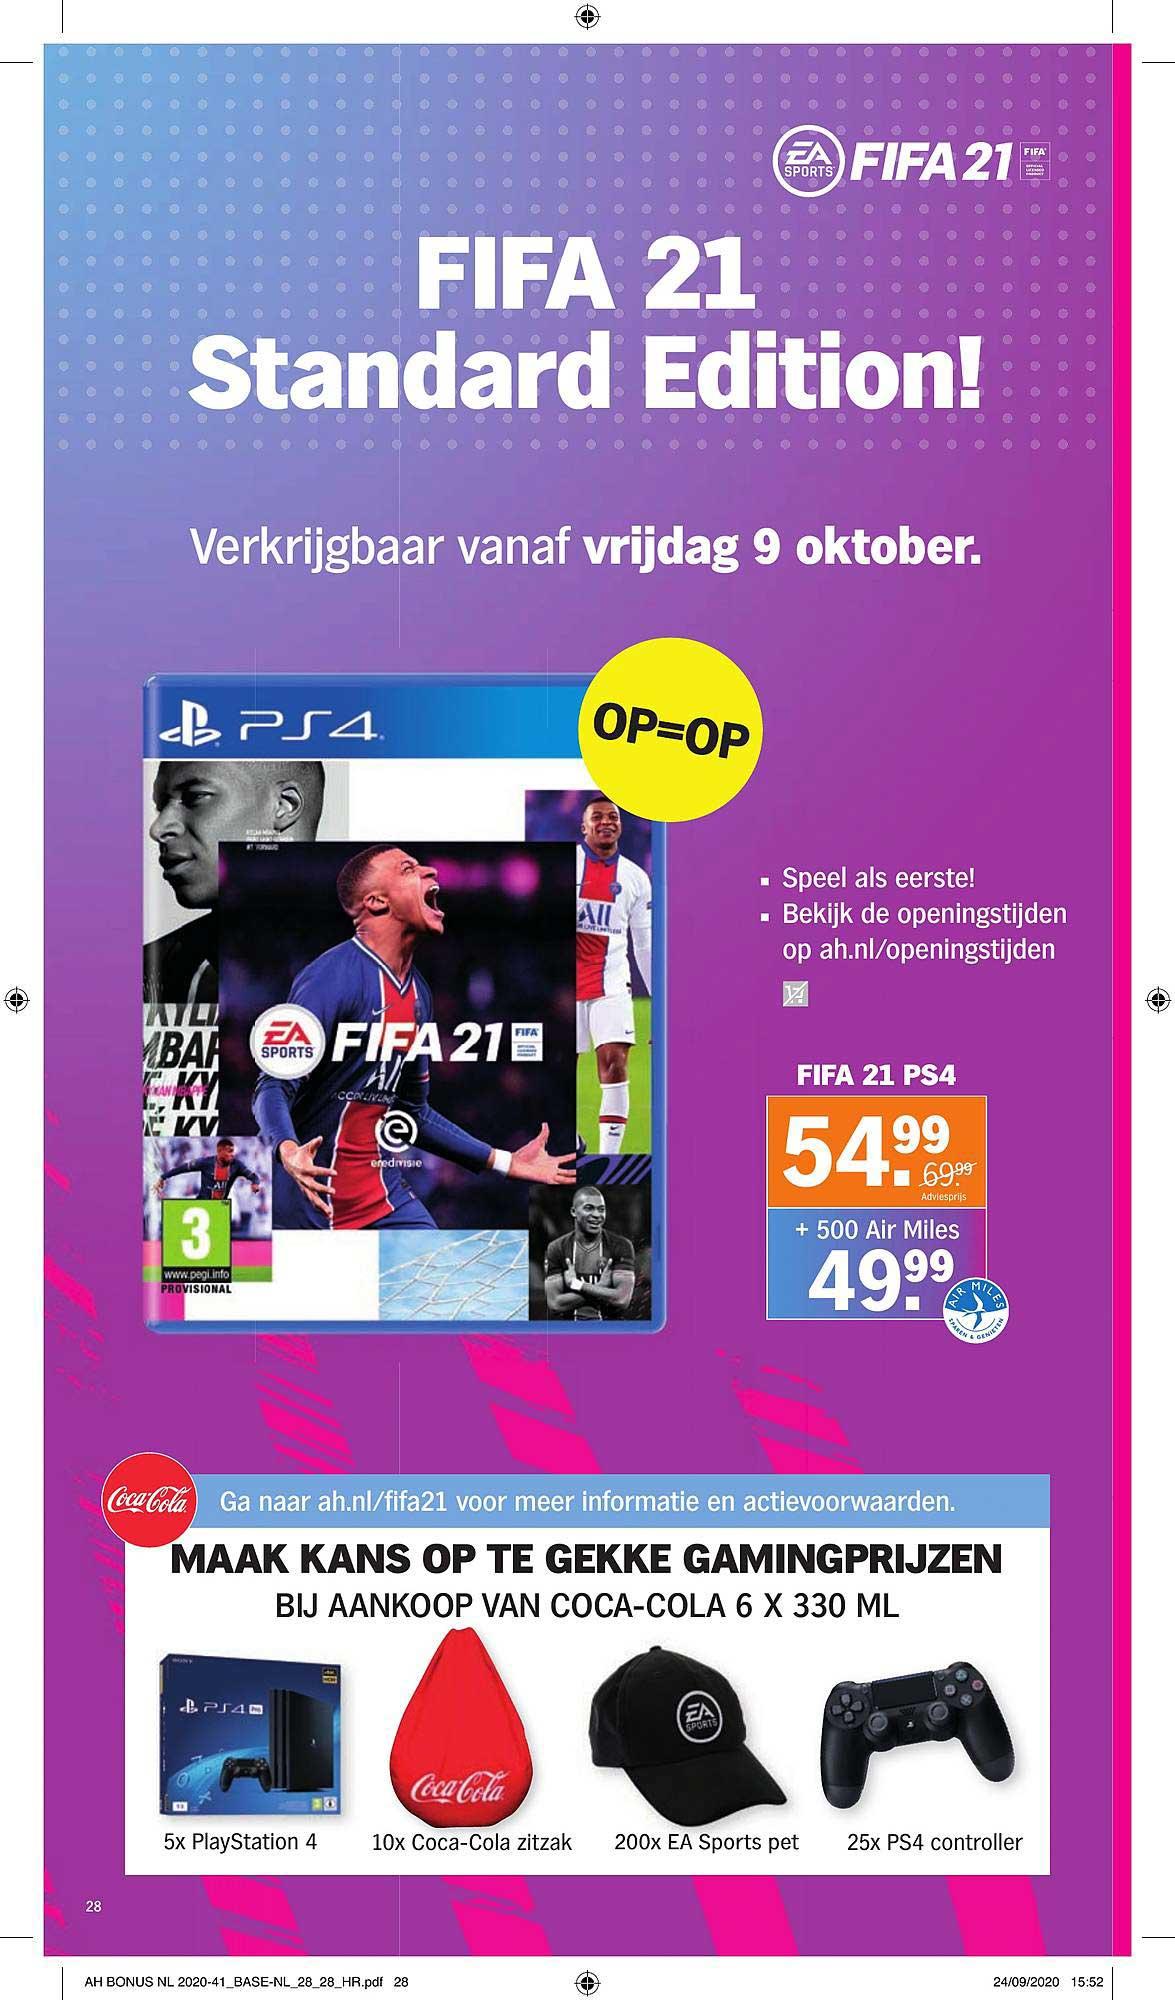 Albert Heijn PS4 Fifa 21